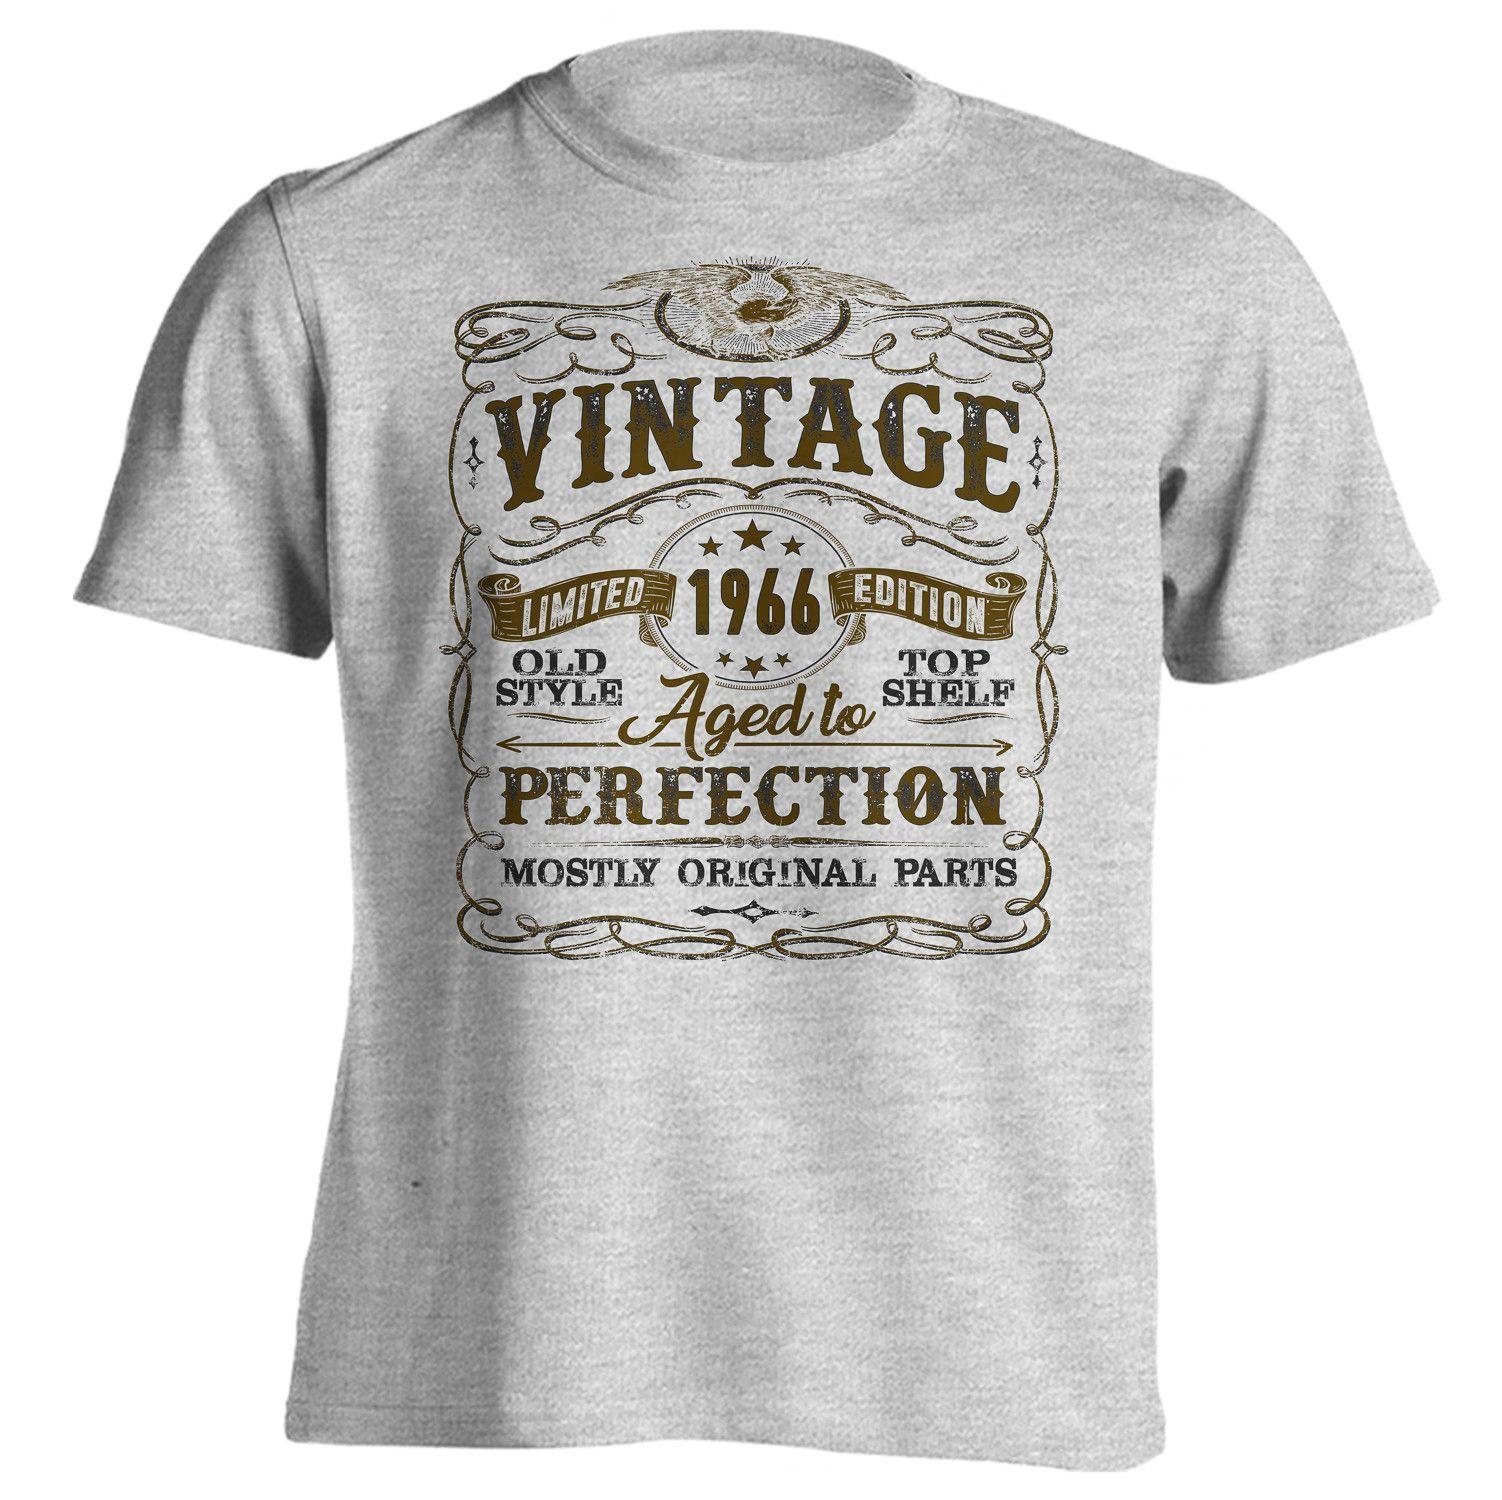 St birthday shirt vintage mostly original parts birthday